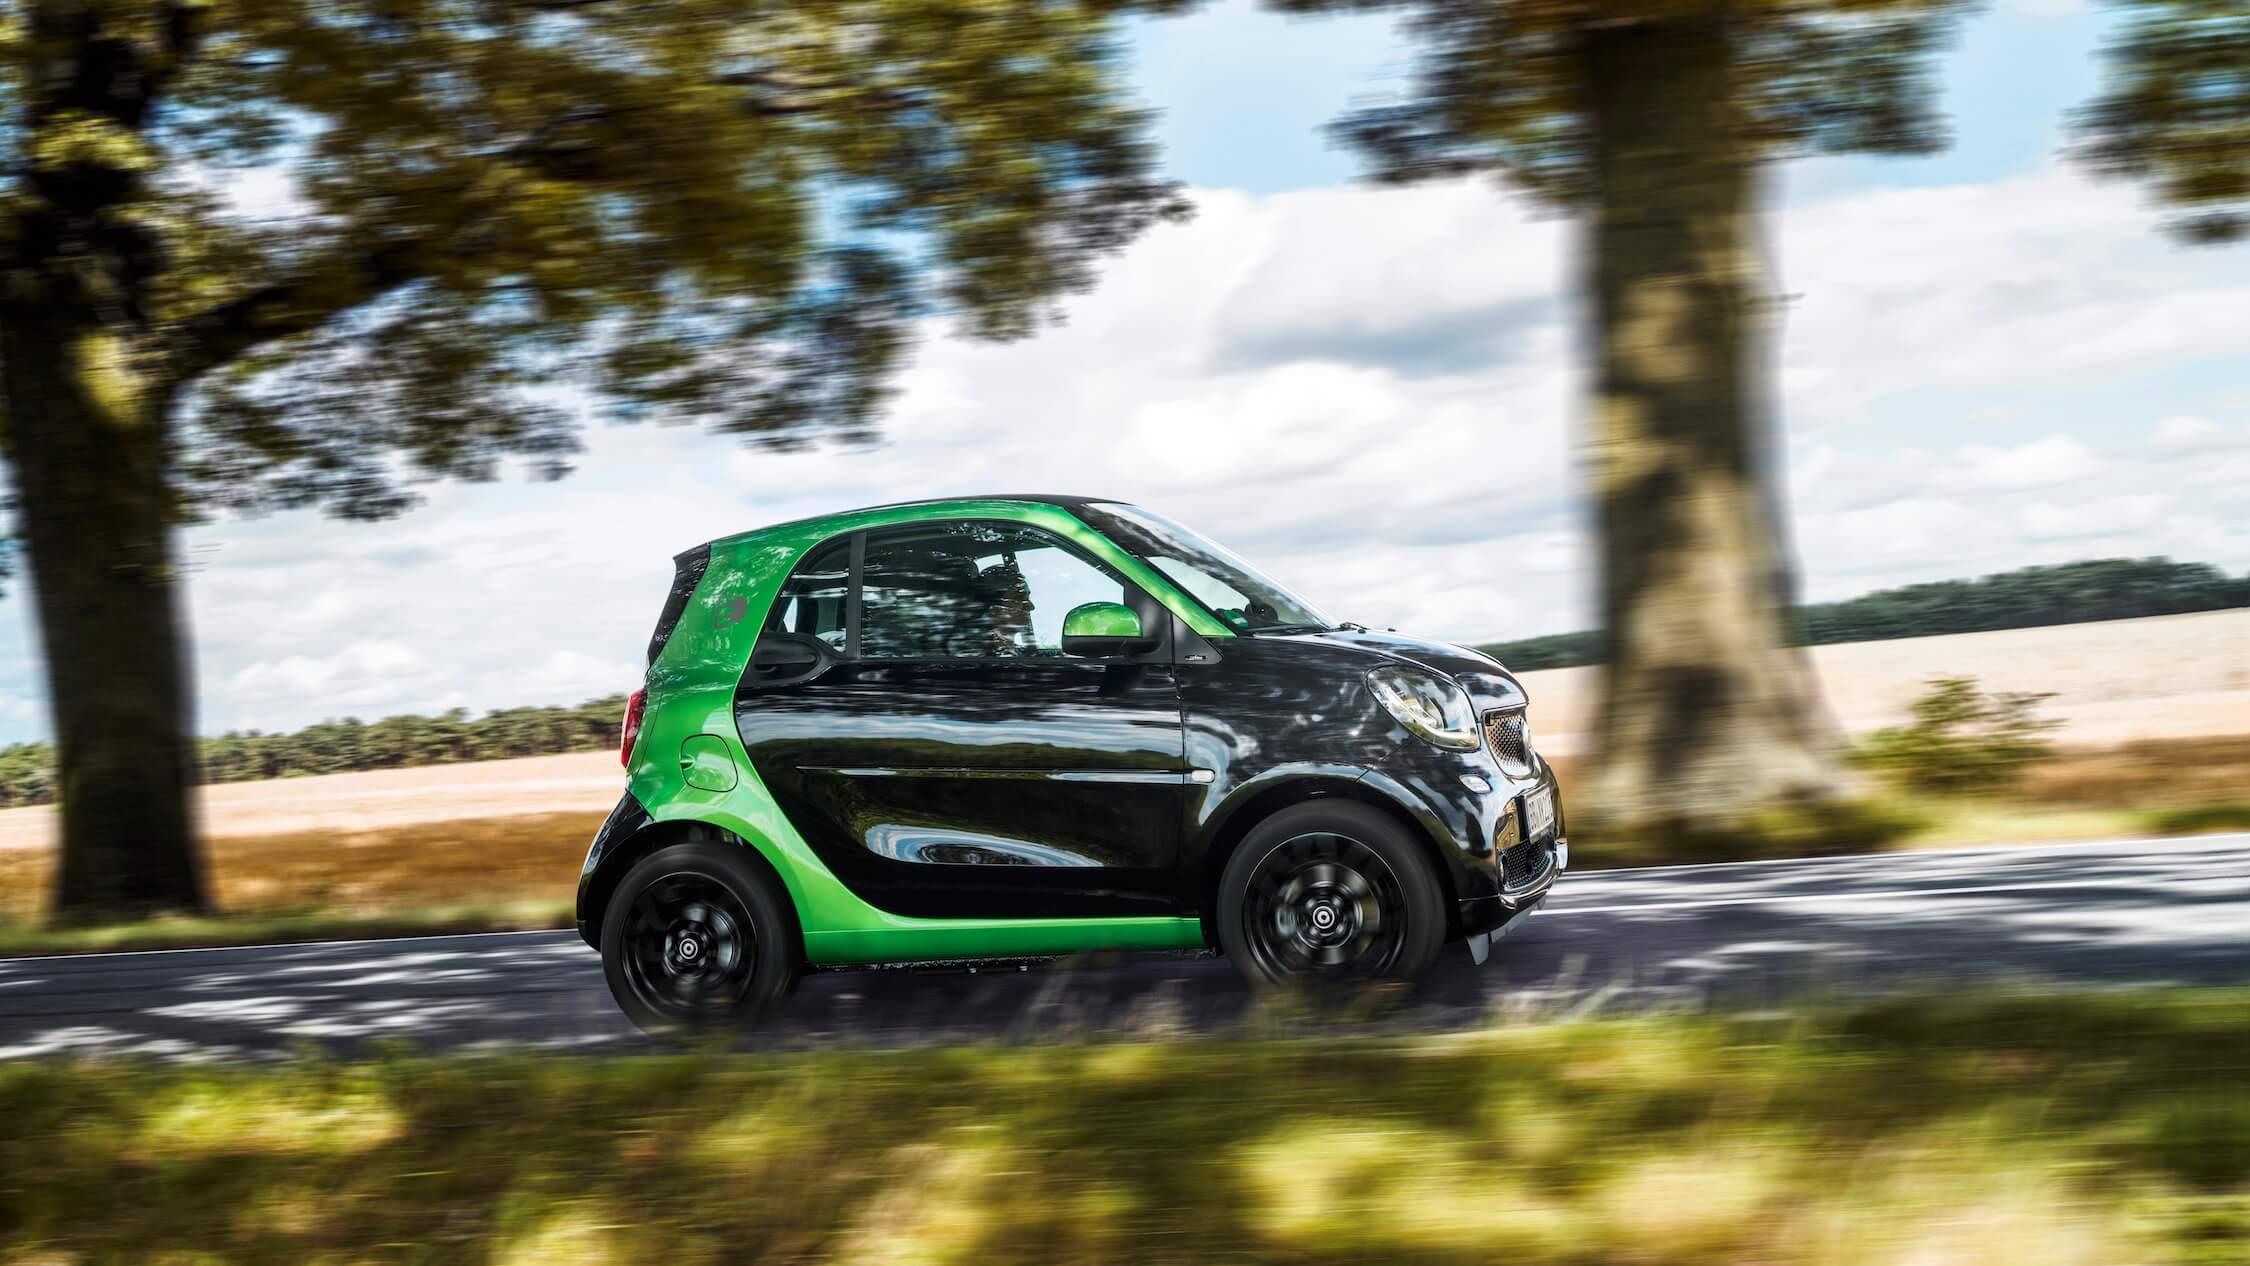 Elektrische Smart EQ rijdend